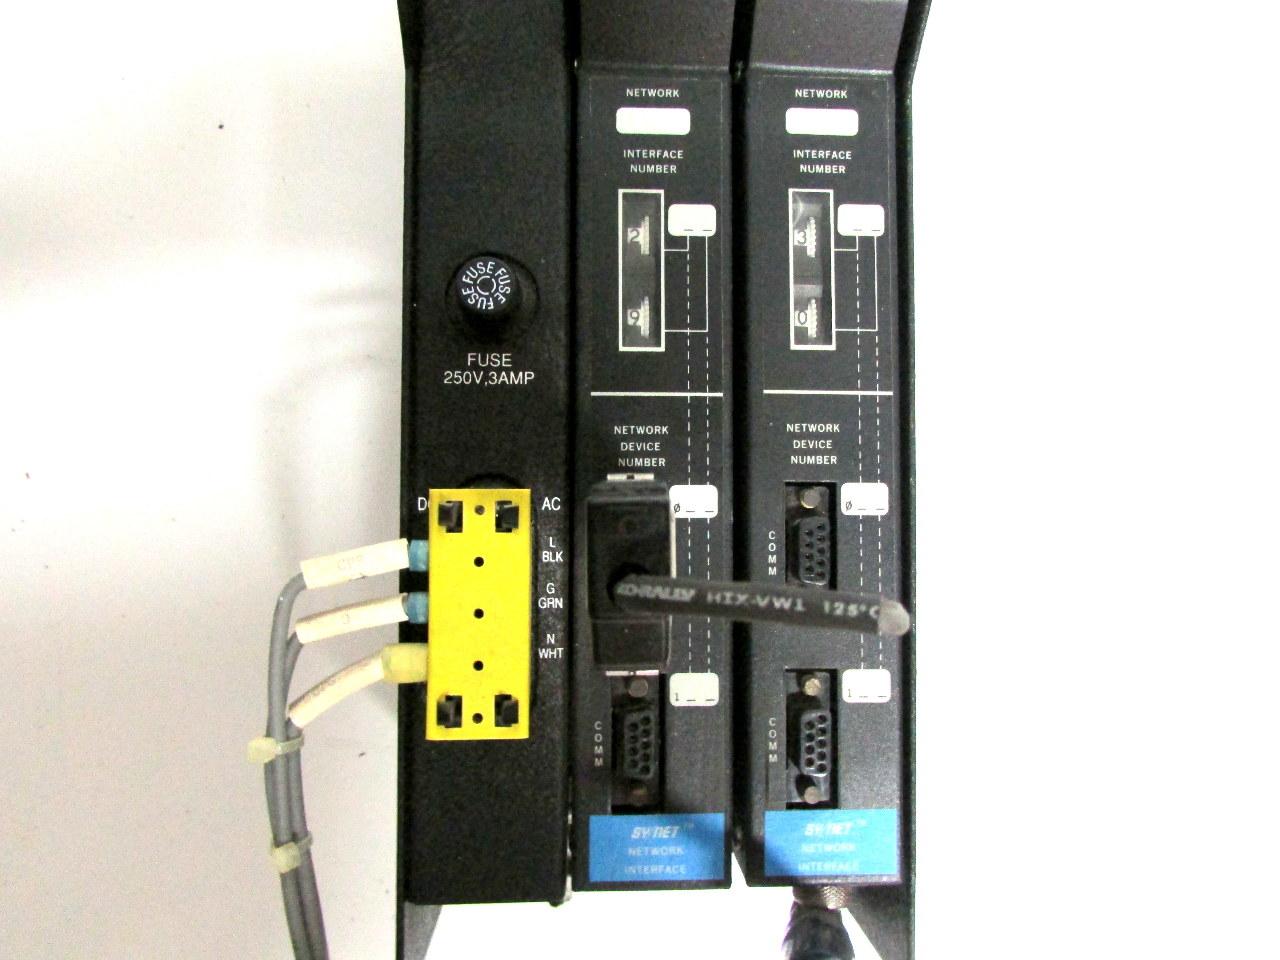 SQUARE D POWERLOGIC 3090 SRK 2 SYMAX 8030 CRM 565 CRM 510 Premier  #C6C305